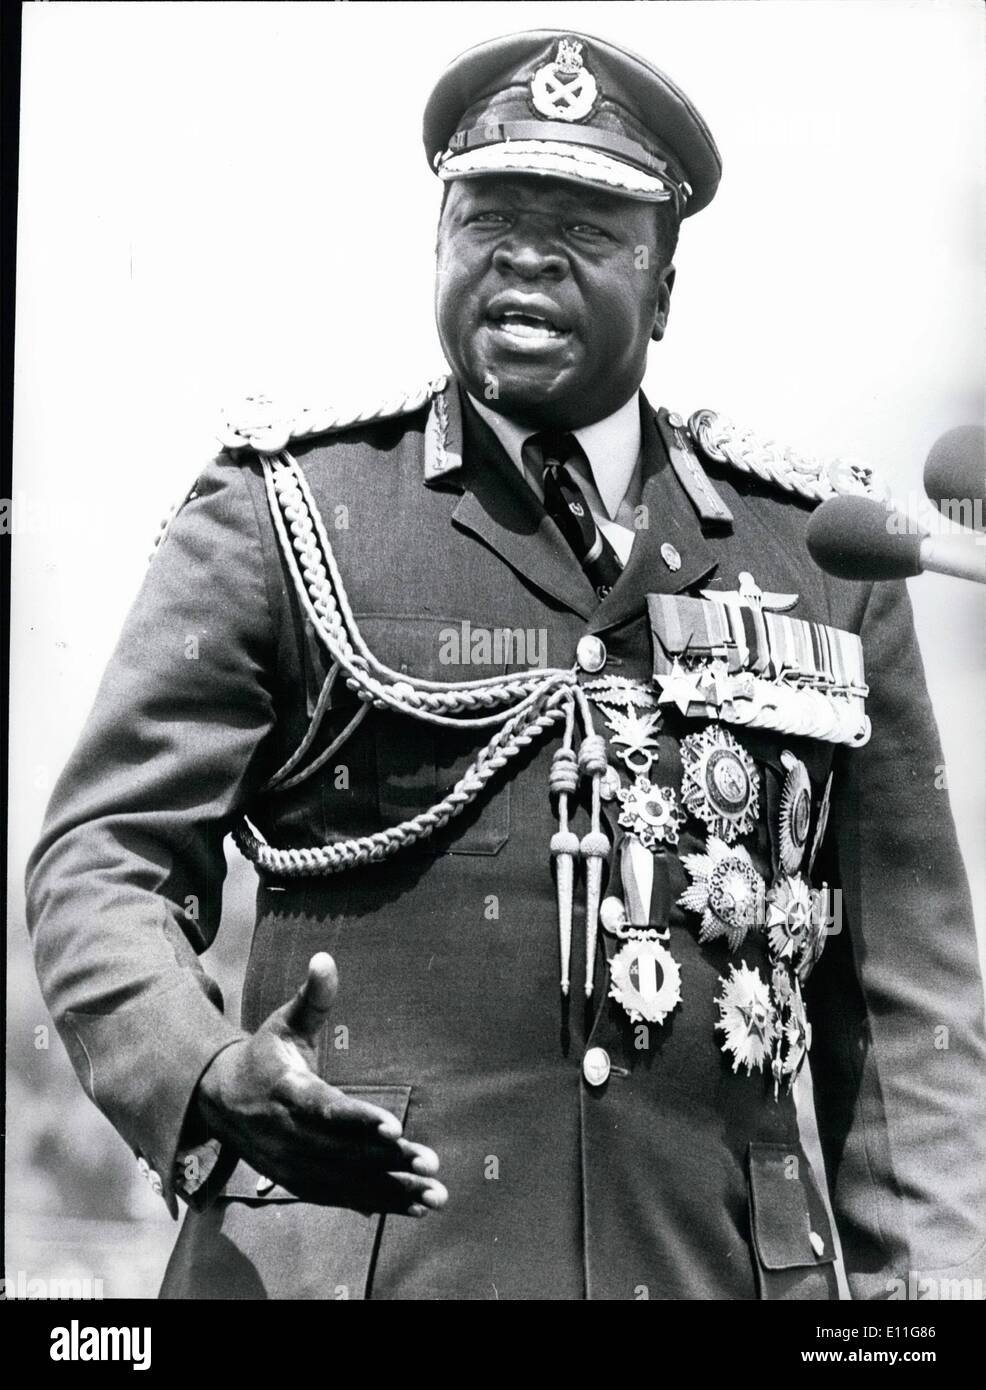 Idi Amin Stock Photos & Idi Amin Stock Images - Alamy